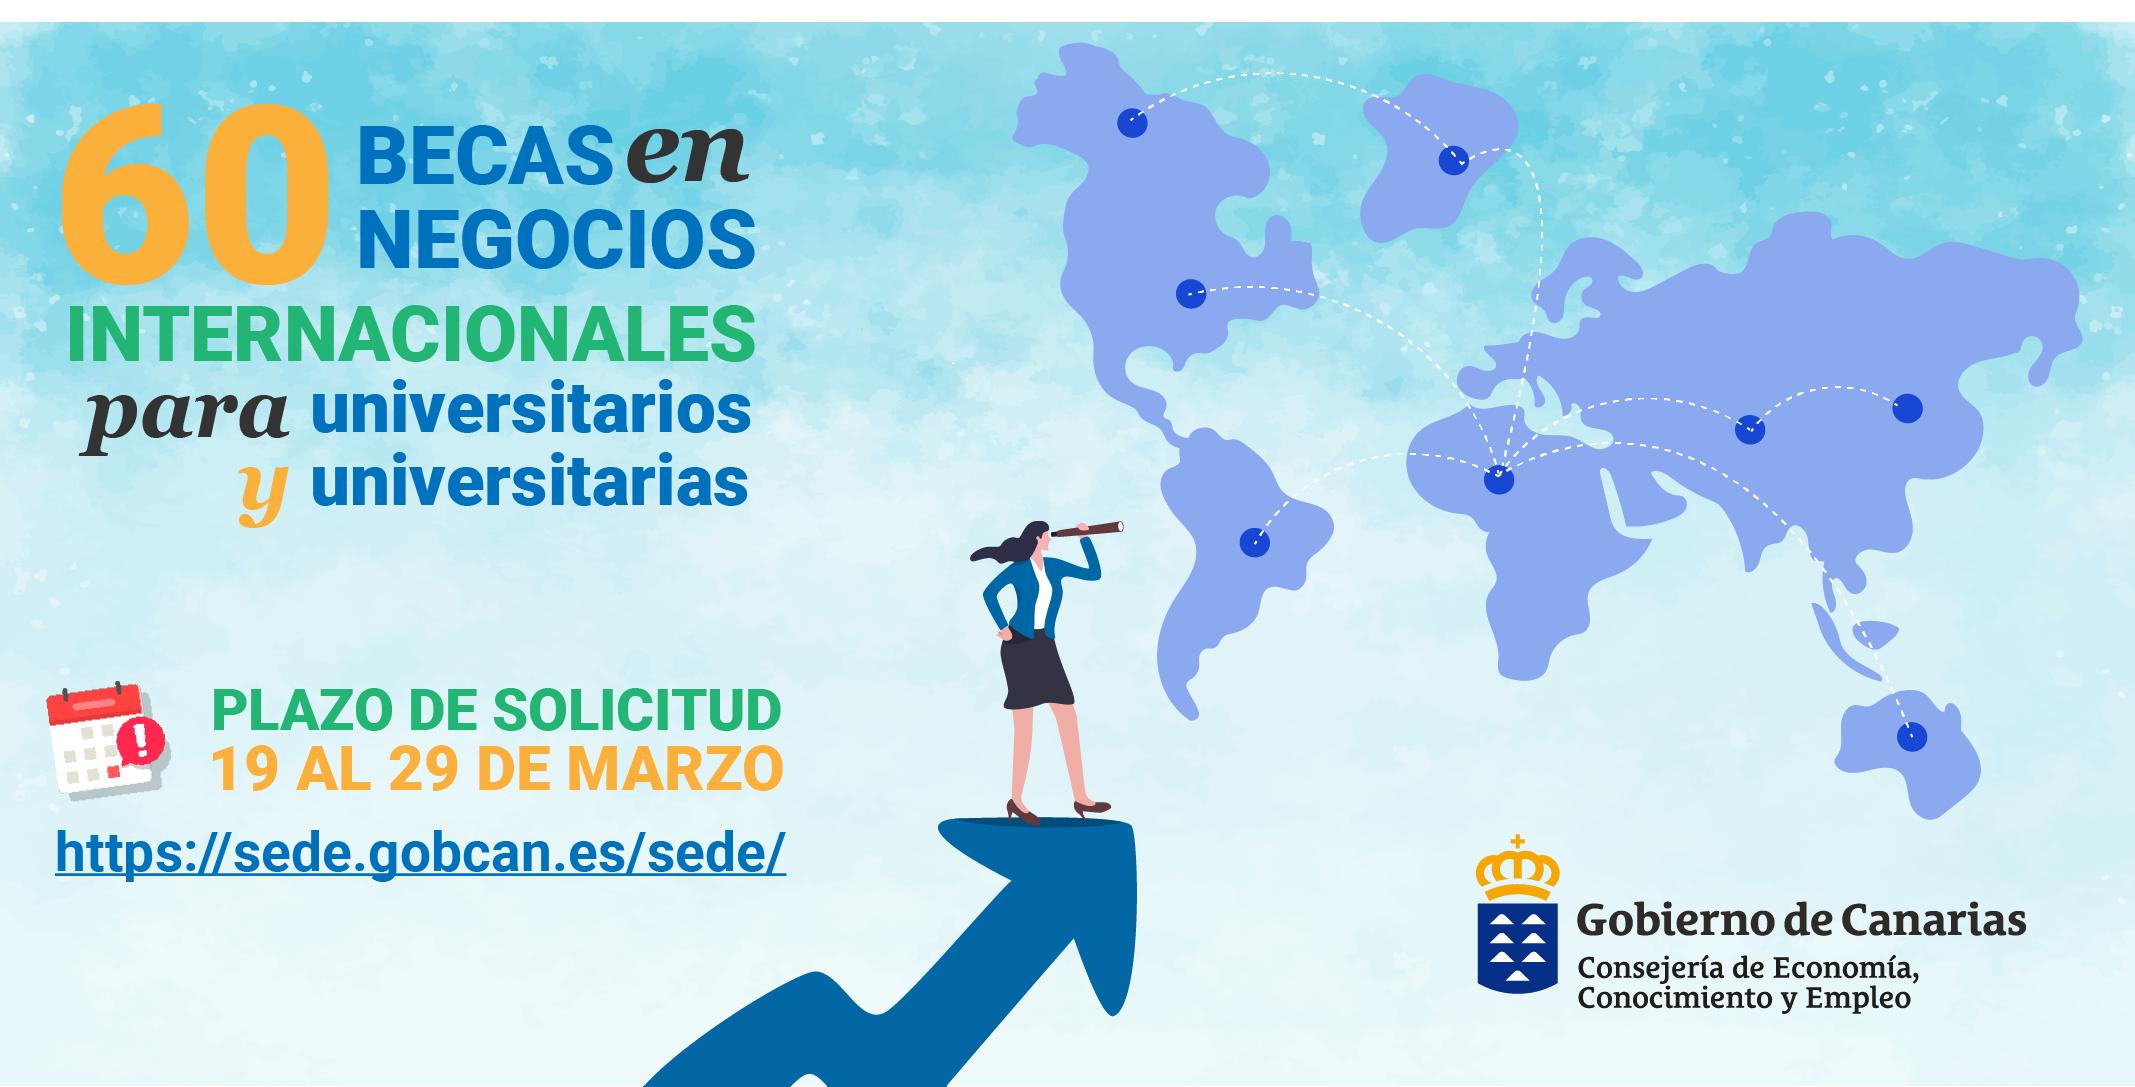 La Consejería de Economía convoca 60 becas en negocios internacionales para personas universitarias